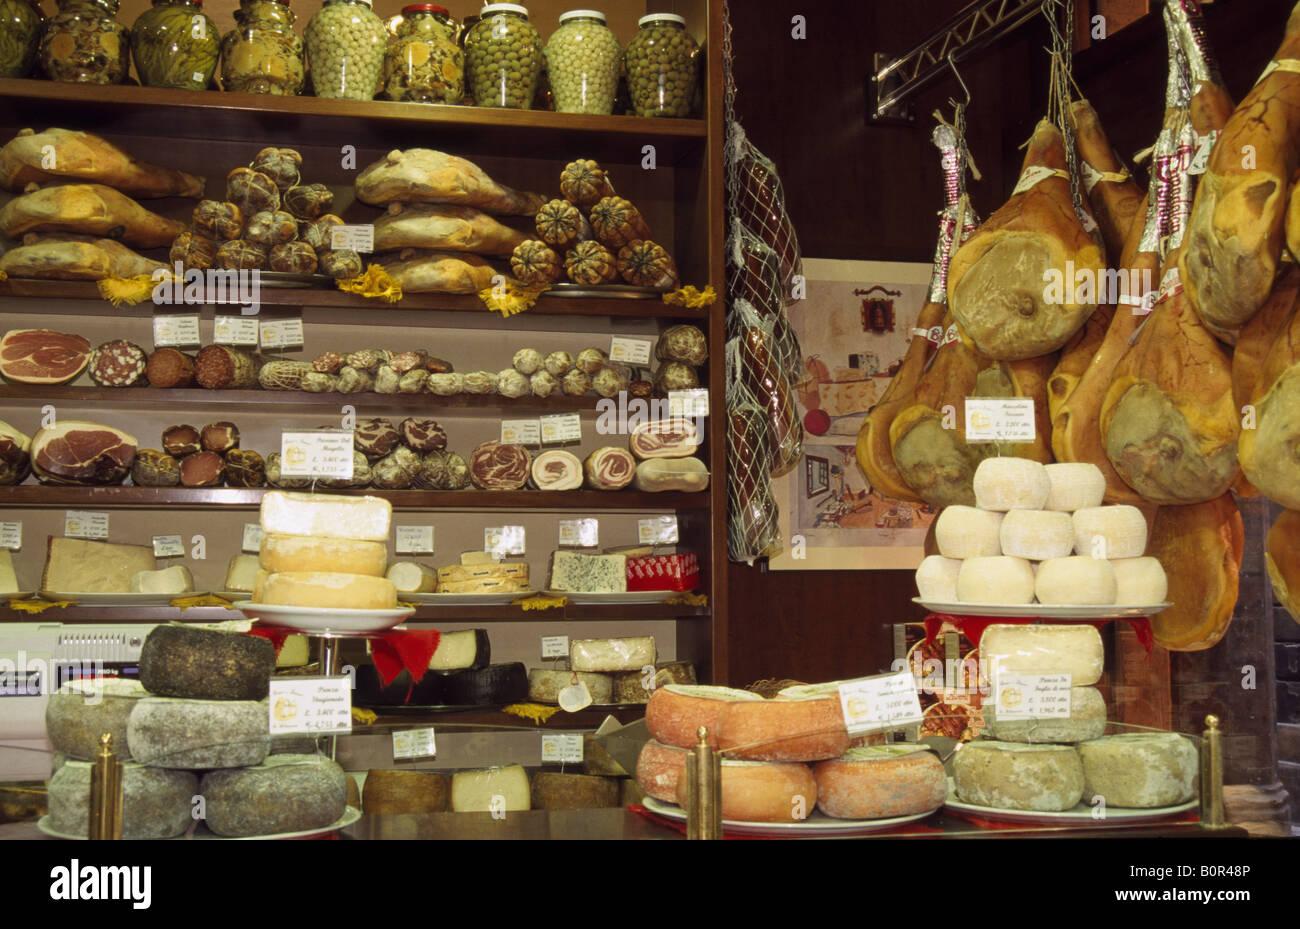 bologna centro storico immagini buon - photo#26